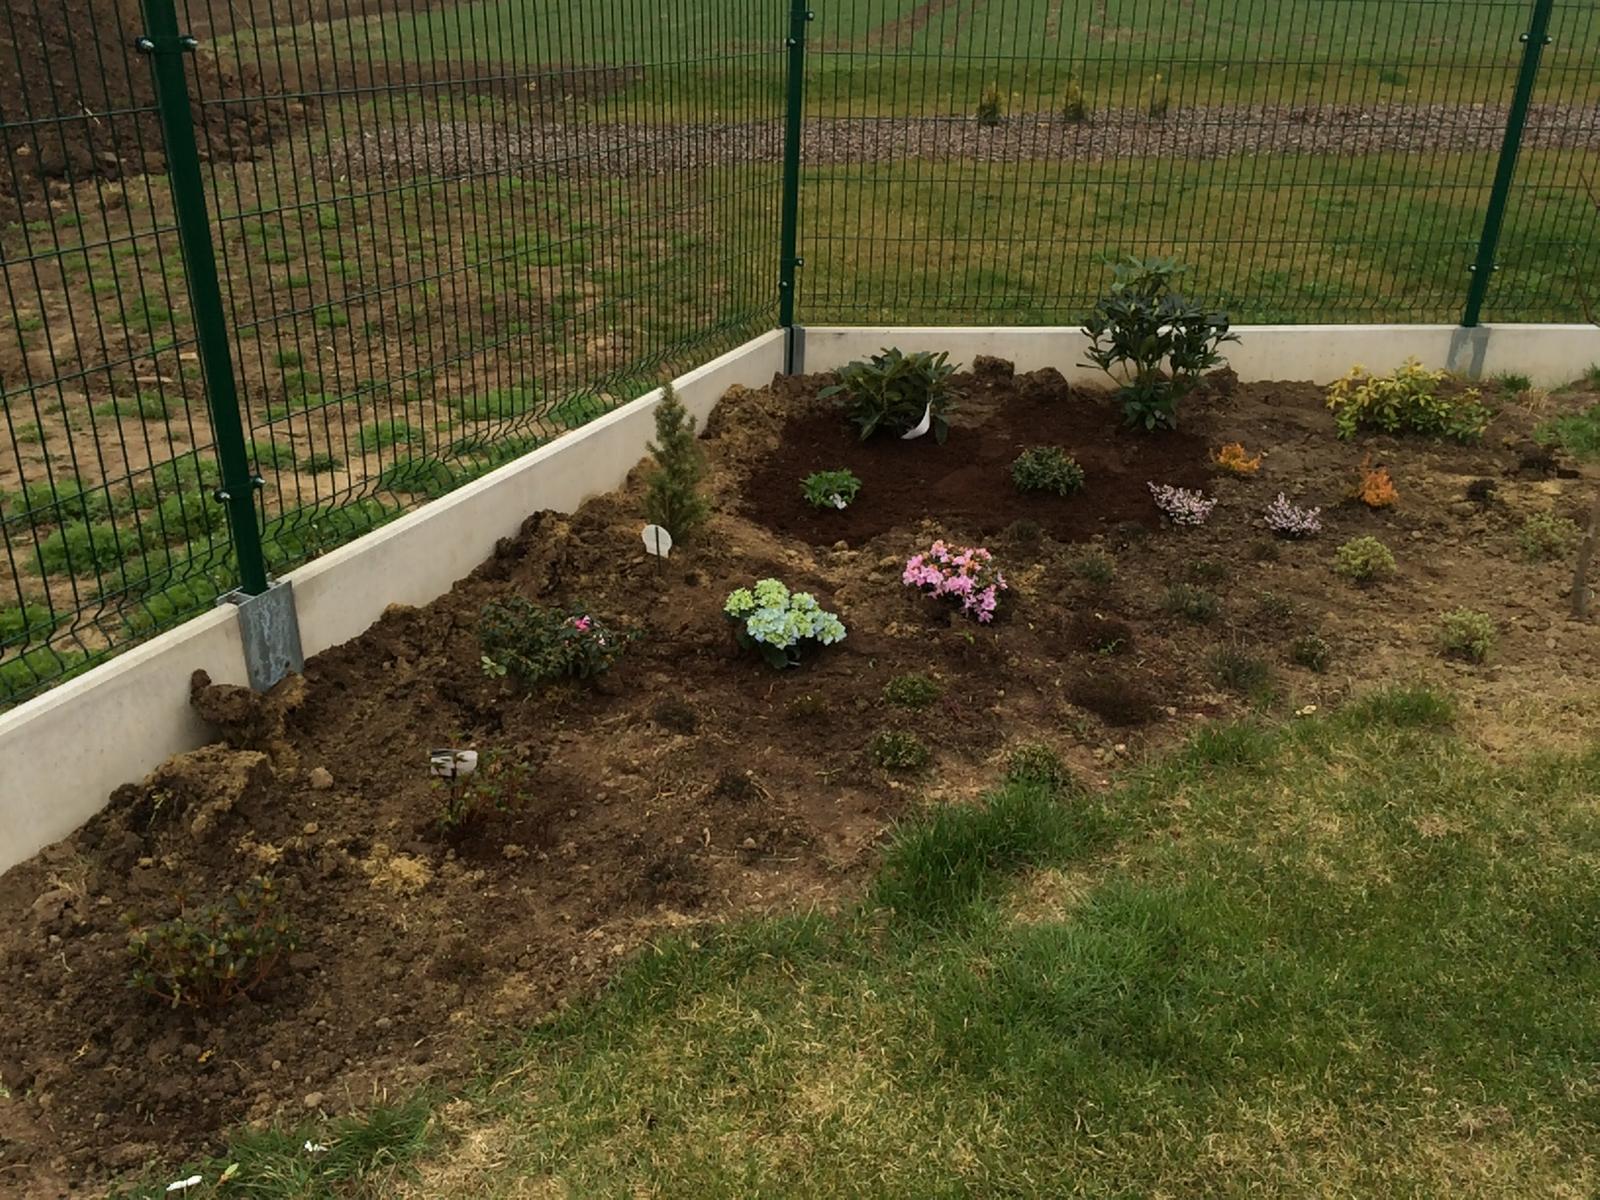 Zahradka nasa 2015 - vresoviste rozsirene o par azalek a rododendronu :)